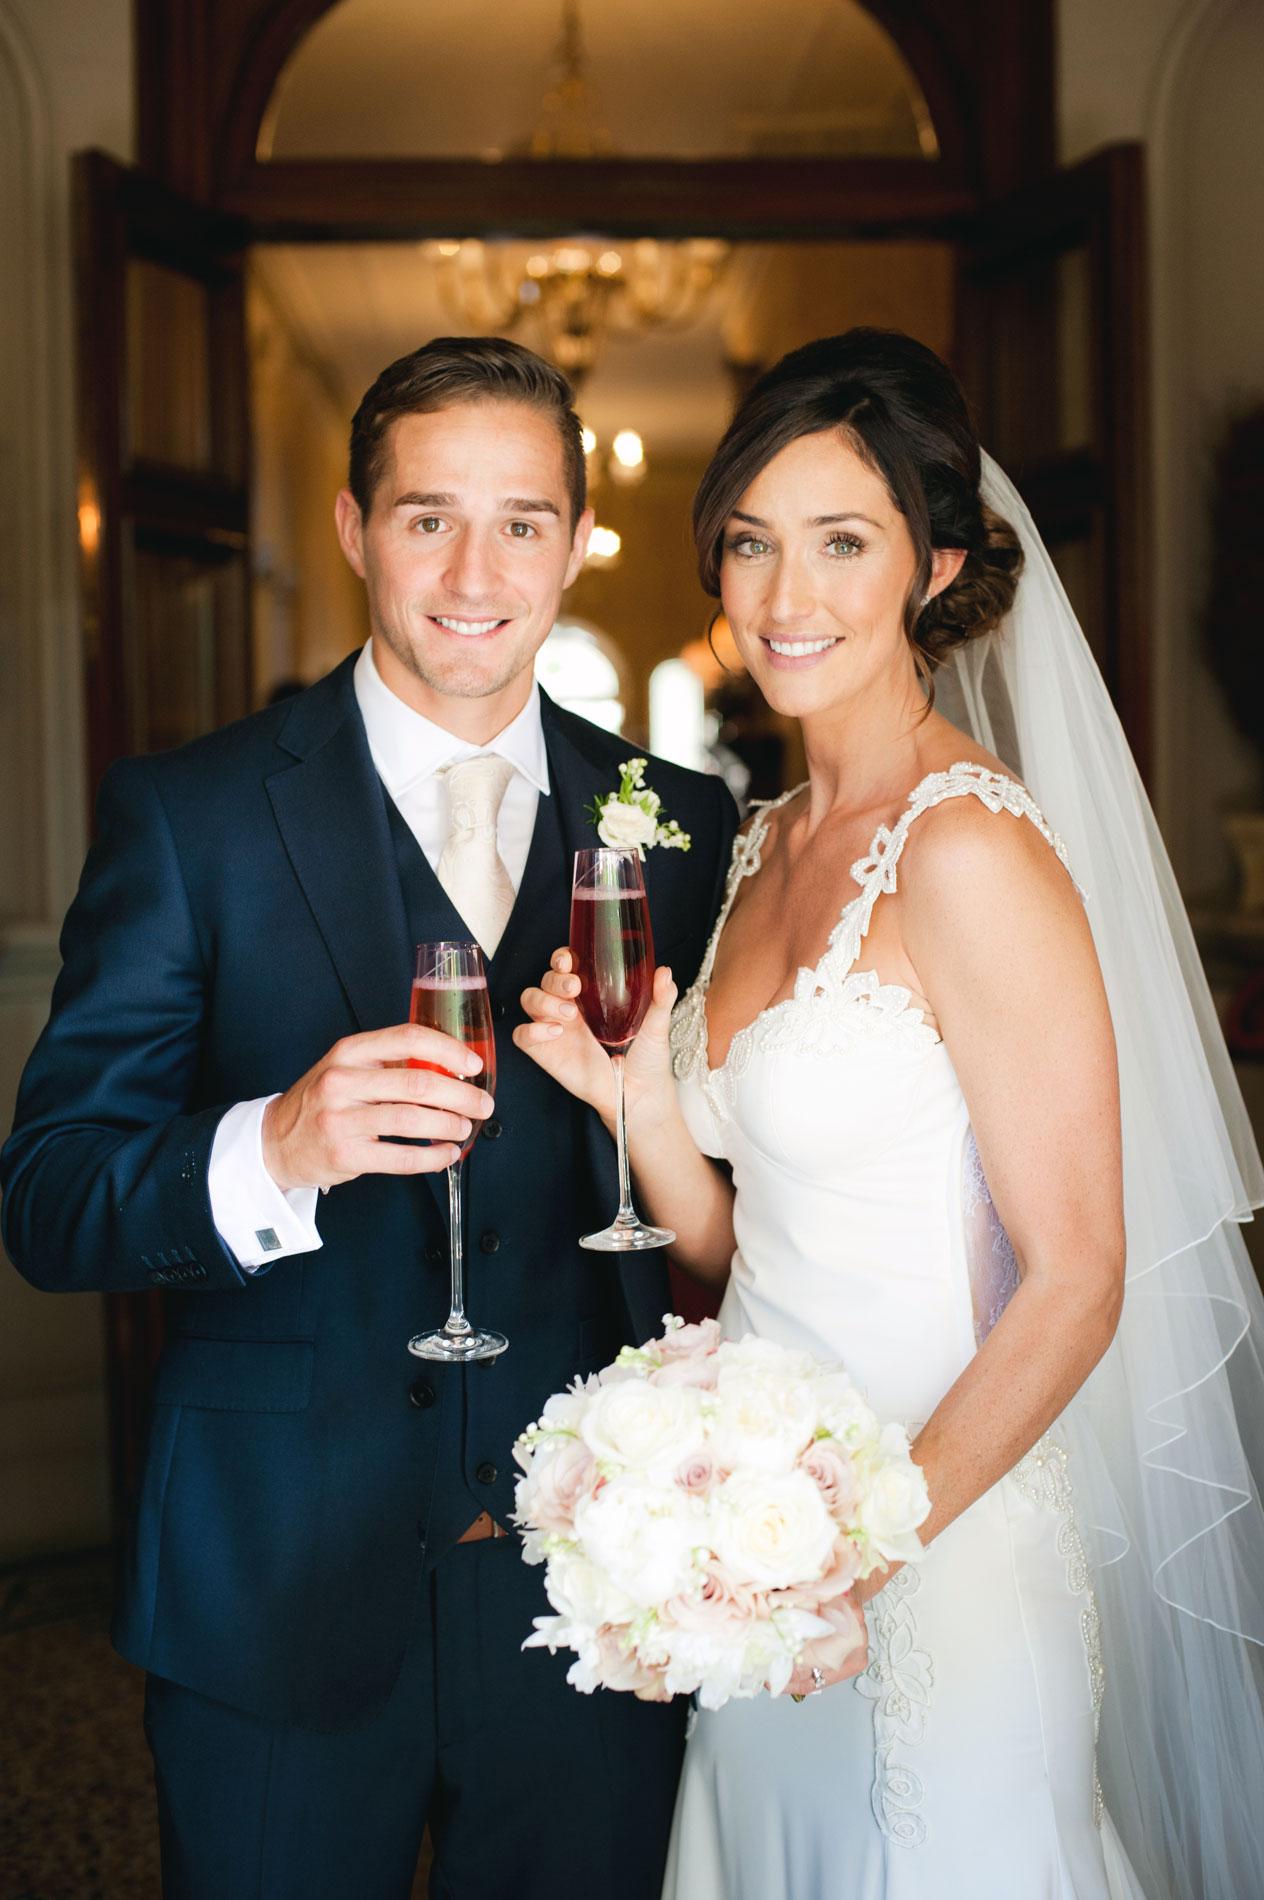 Kilworth-weddings-_29.jpg